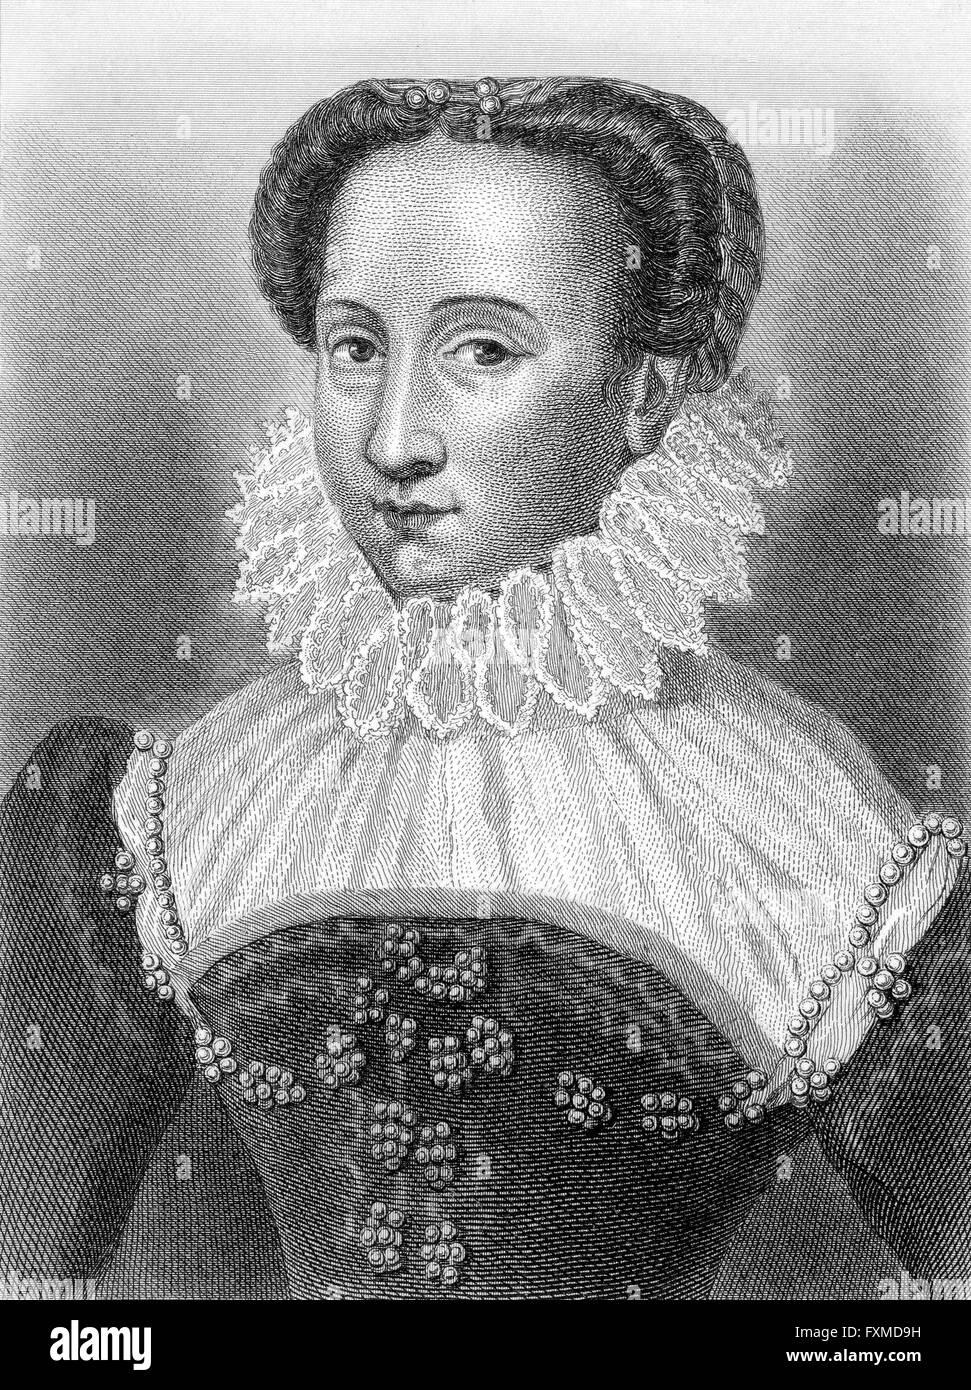 Eléonore de Montmorency, Vicomtesse de Turenne, 16th Century - Stock Image